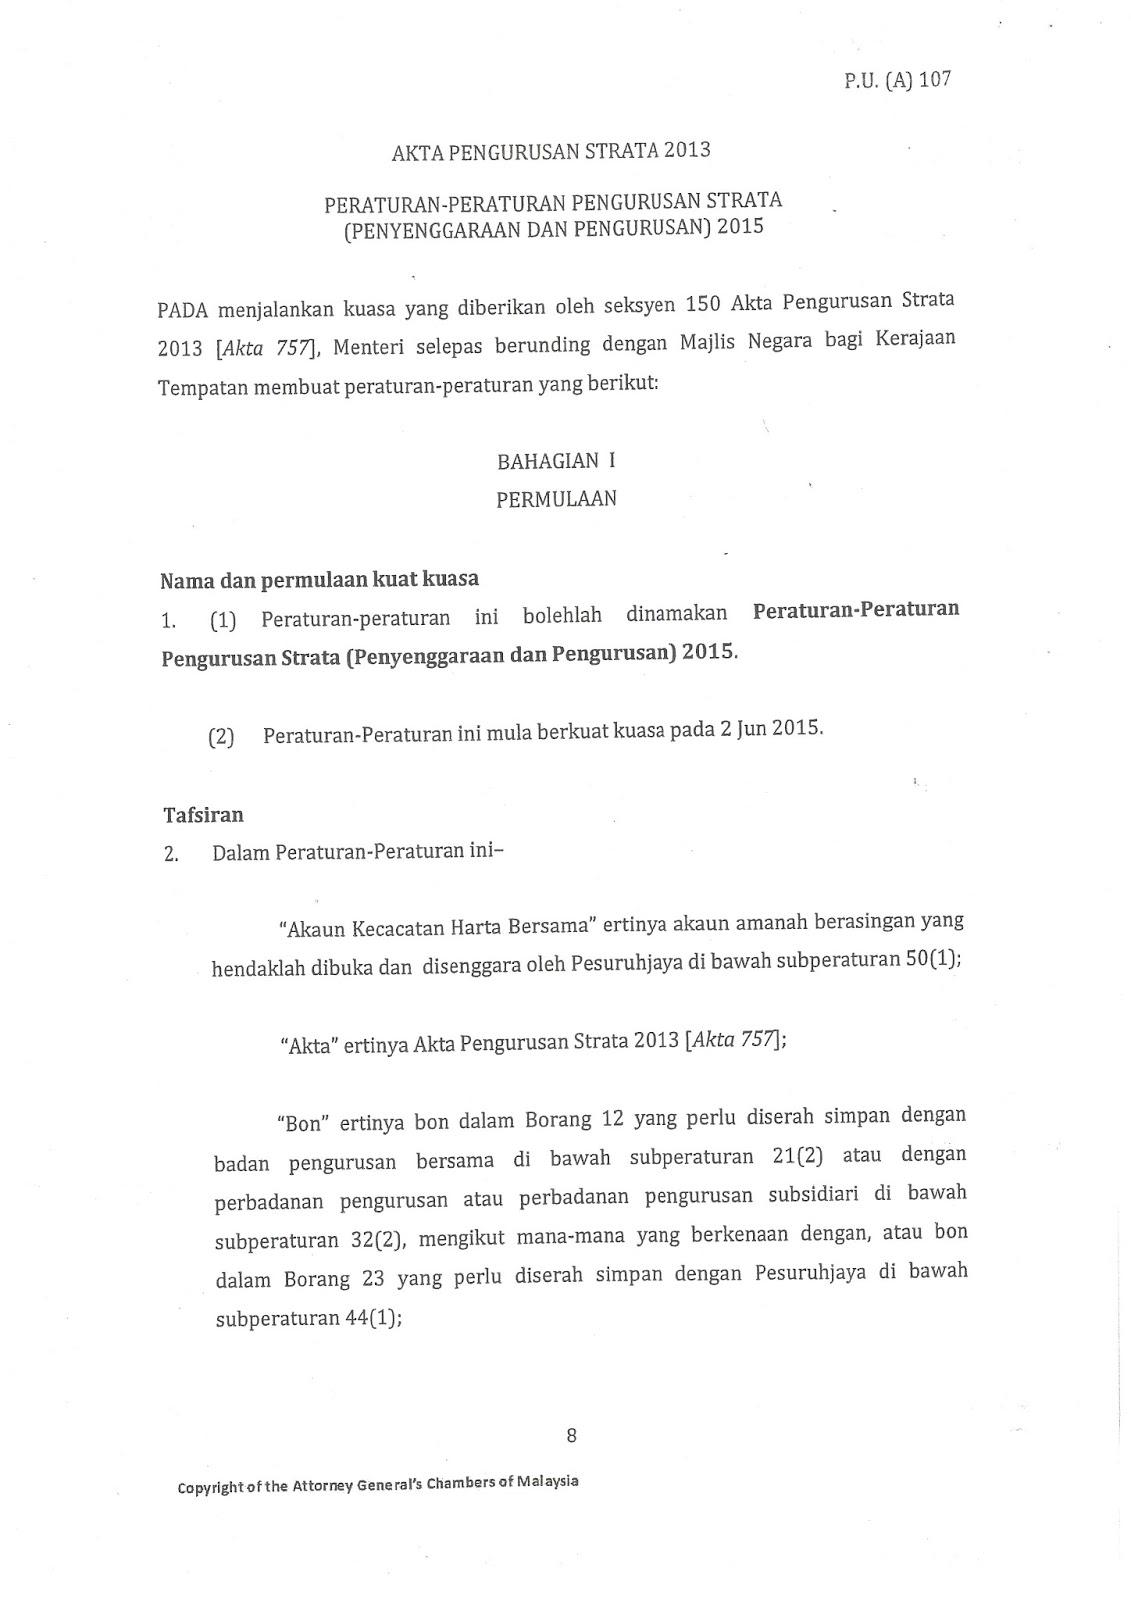 Badan Pengurusan Bersama Jmb Pusat Komersil Seksyen 7 Shah Alam Penetapan Tarikh Kuatkuasa Akta Pengurusan Strata 2013 Akta 757